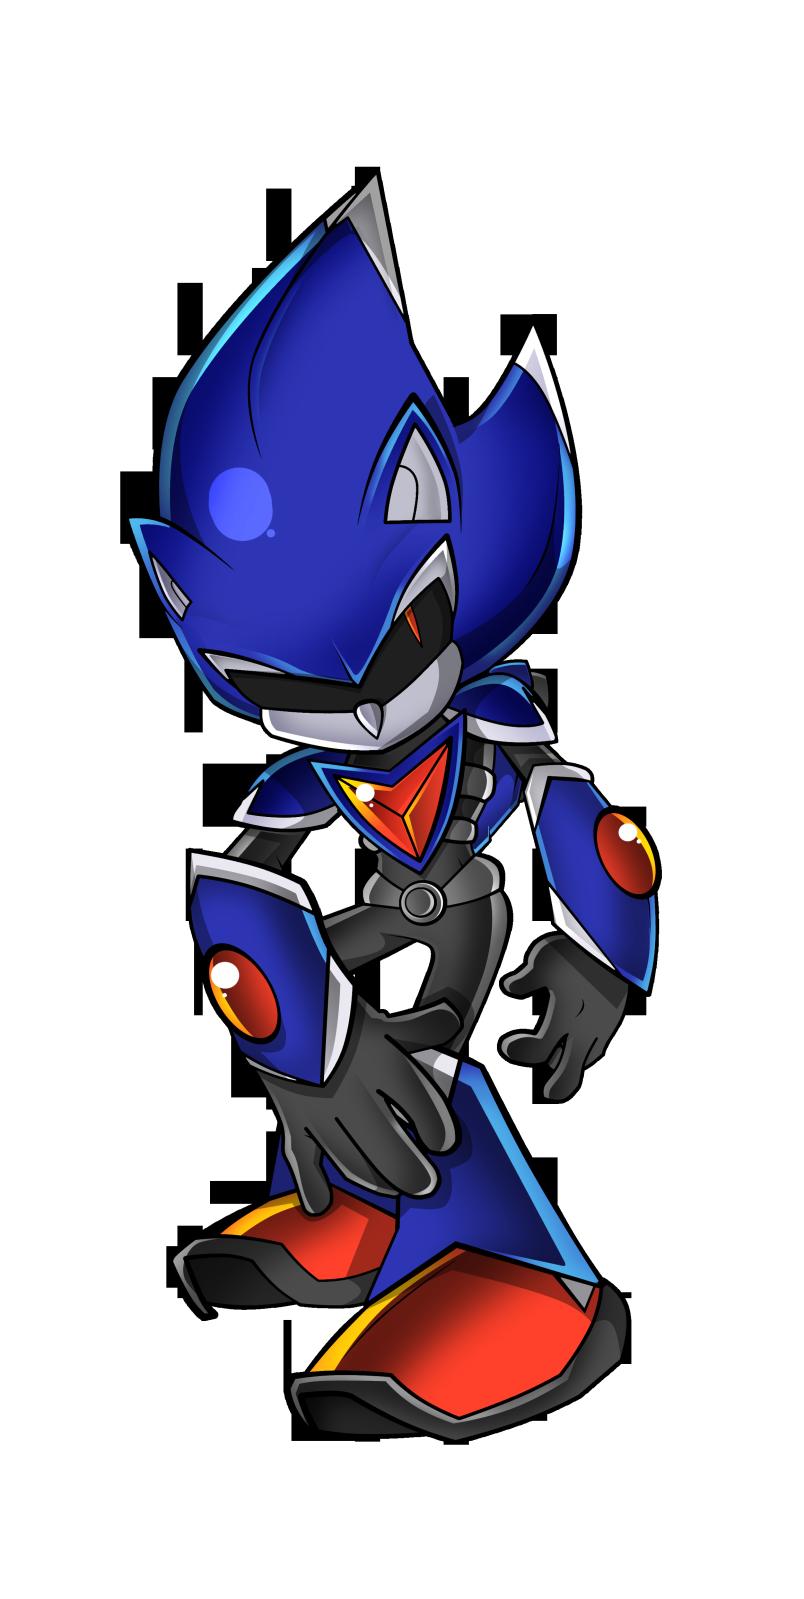 entrail sonic fan character wiki fandom powered by wikia